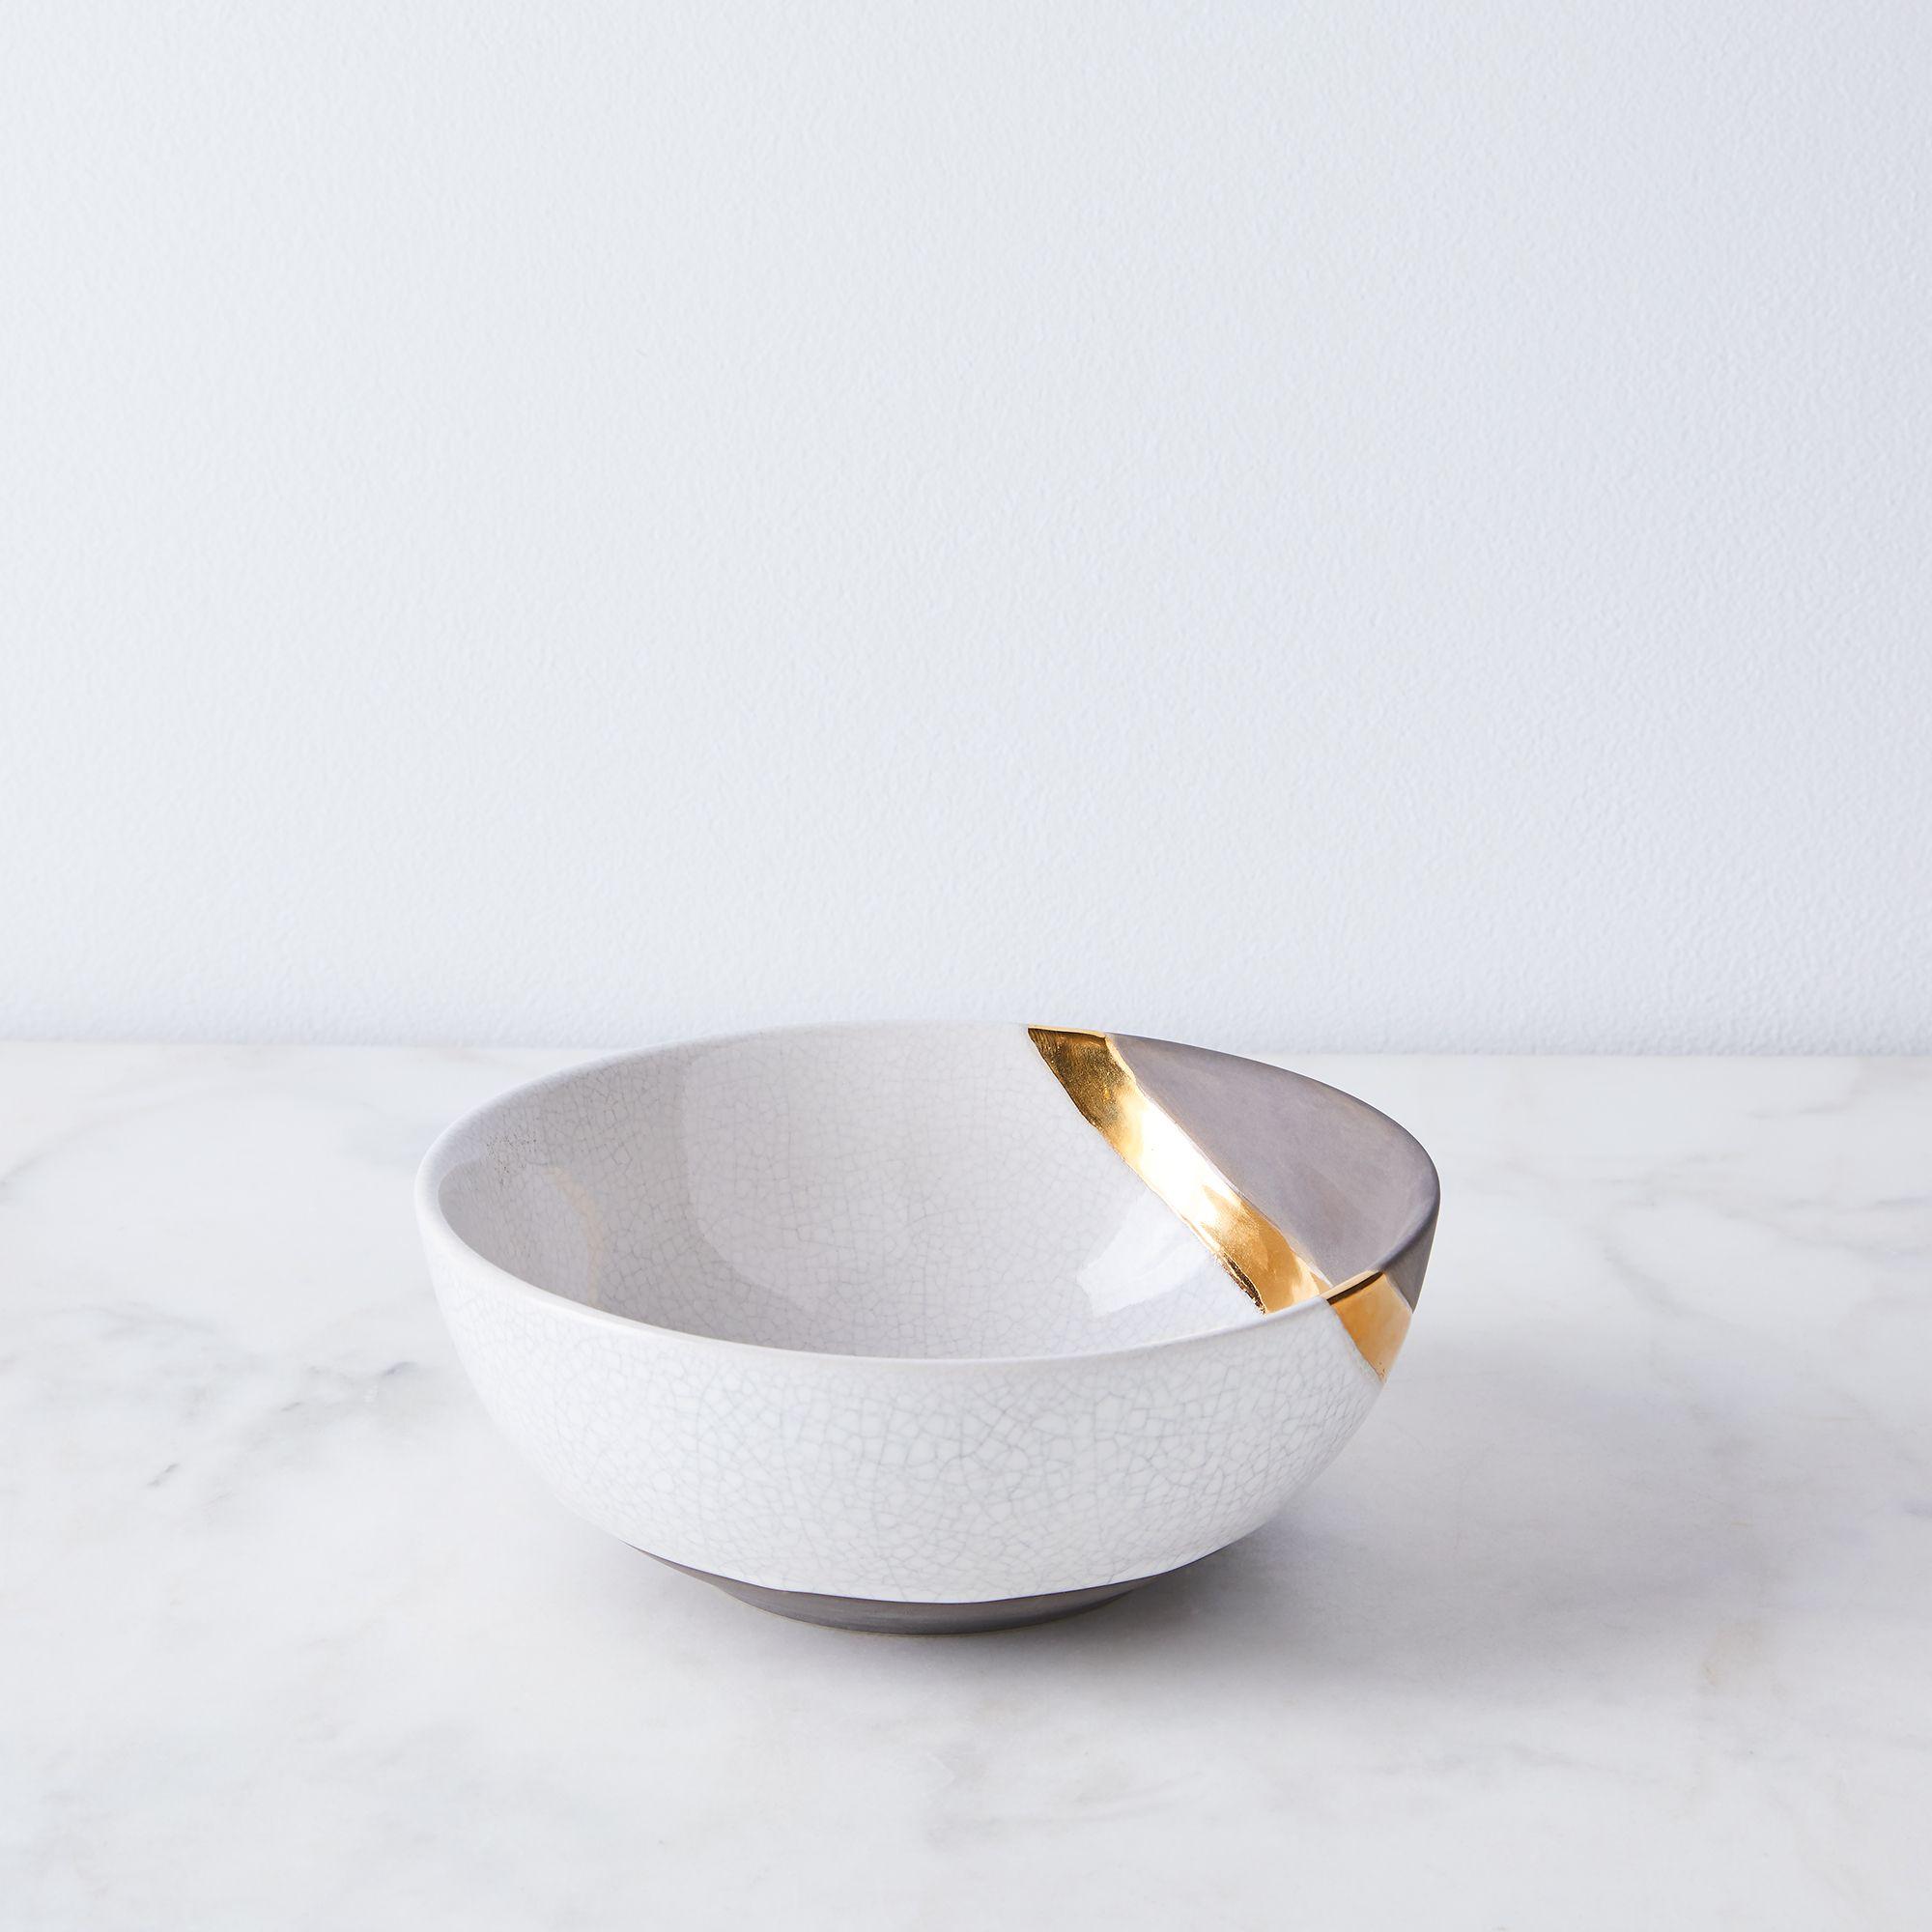 Dinnerware by Katekooks